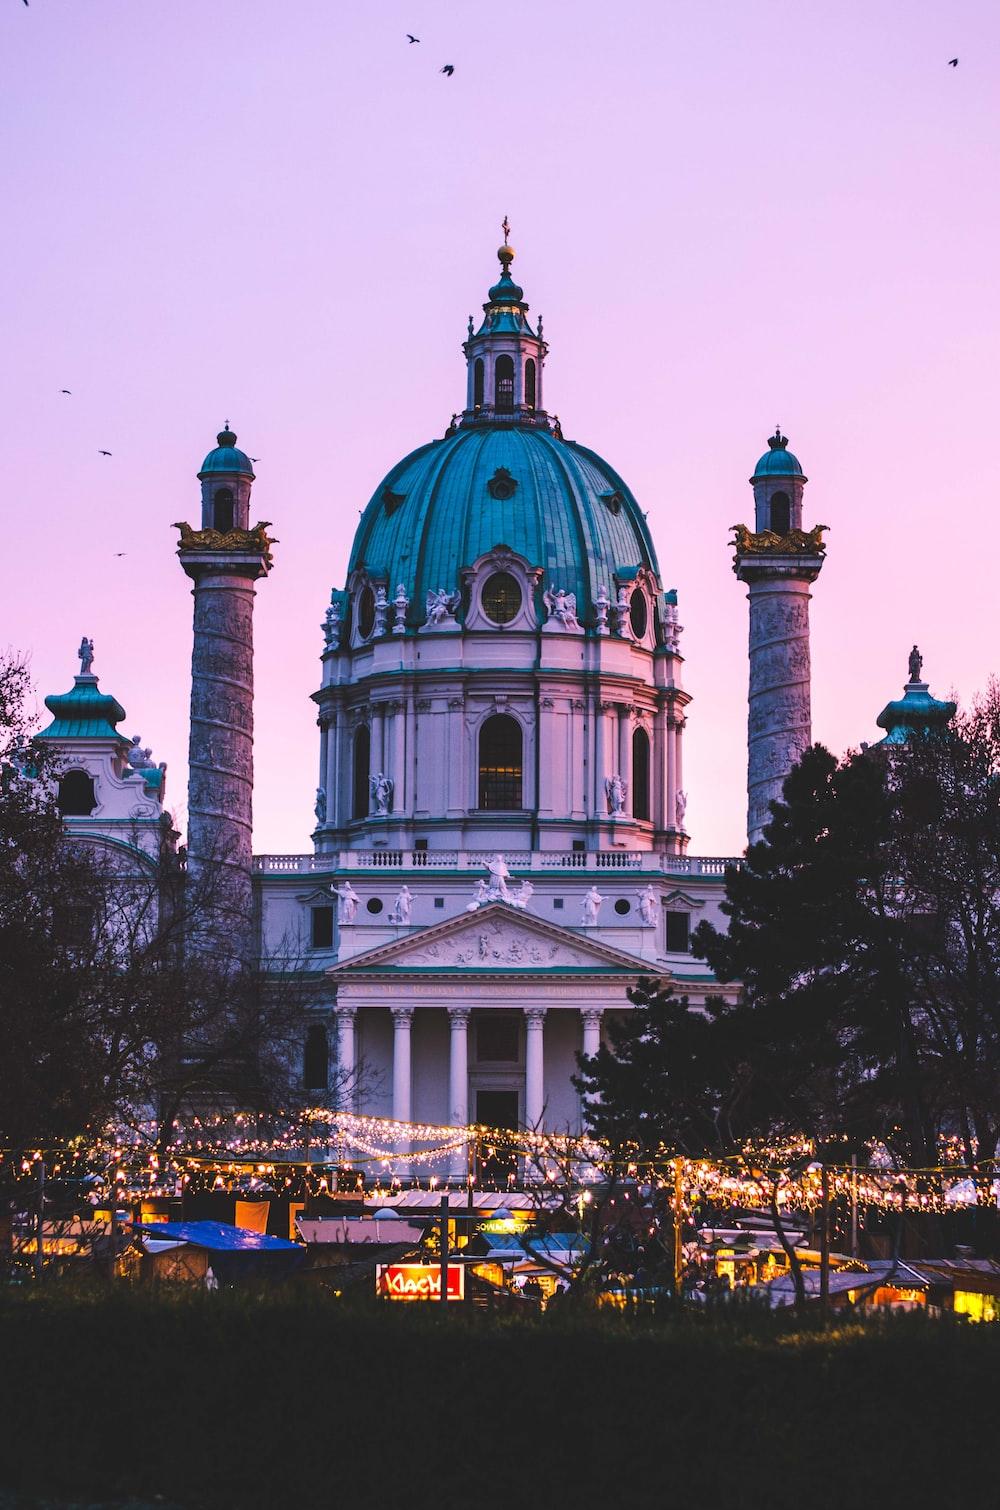 Karlsplatz S Christmas Market Vienna Austria Pictures Download